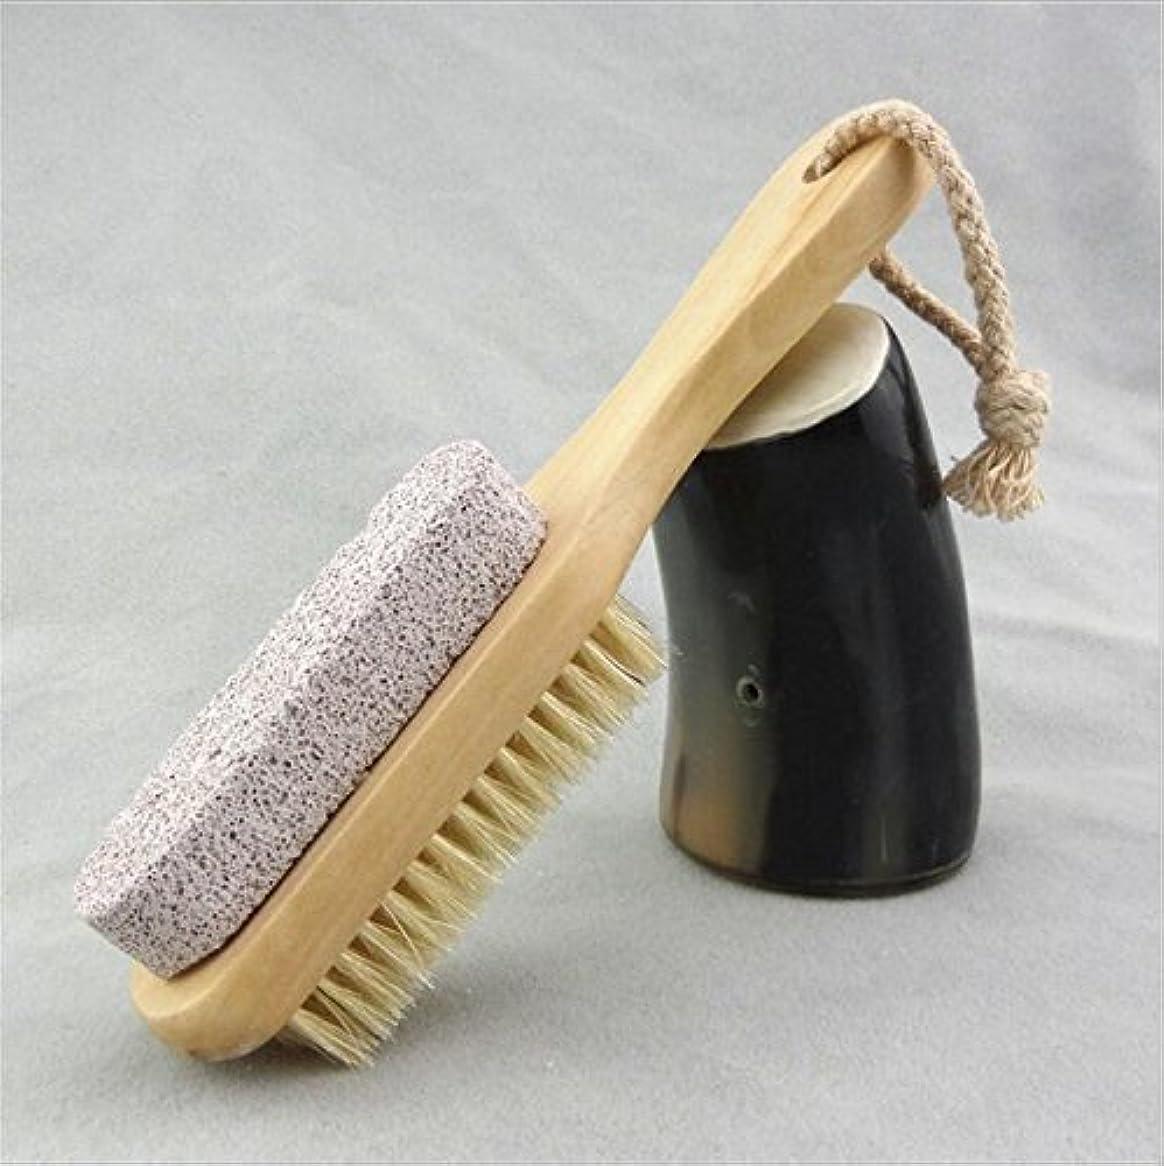 オゾン書き出すゼリーBigmind 足軽石の足爪ブラシ 角質除去 天然毛 足爪 かかと削り フット用品 ブラシフットケア かかとキレイフットブラシ